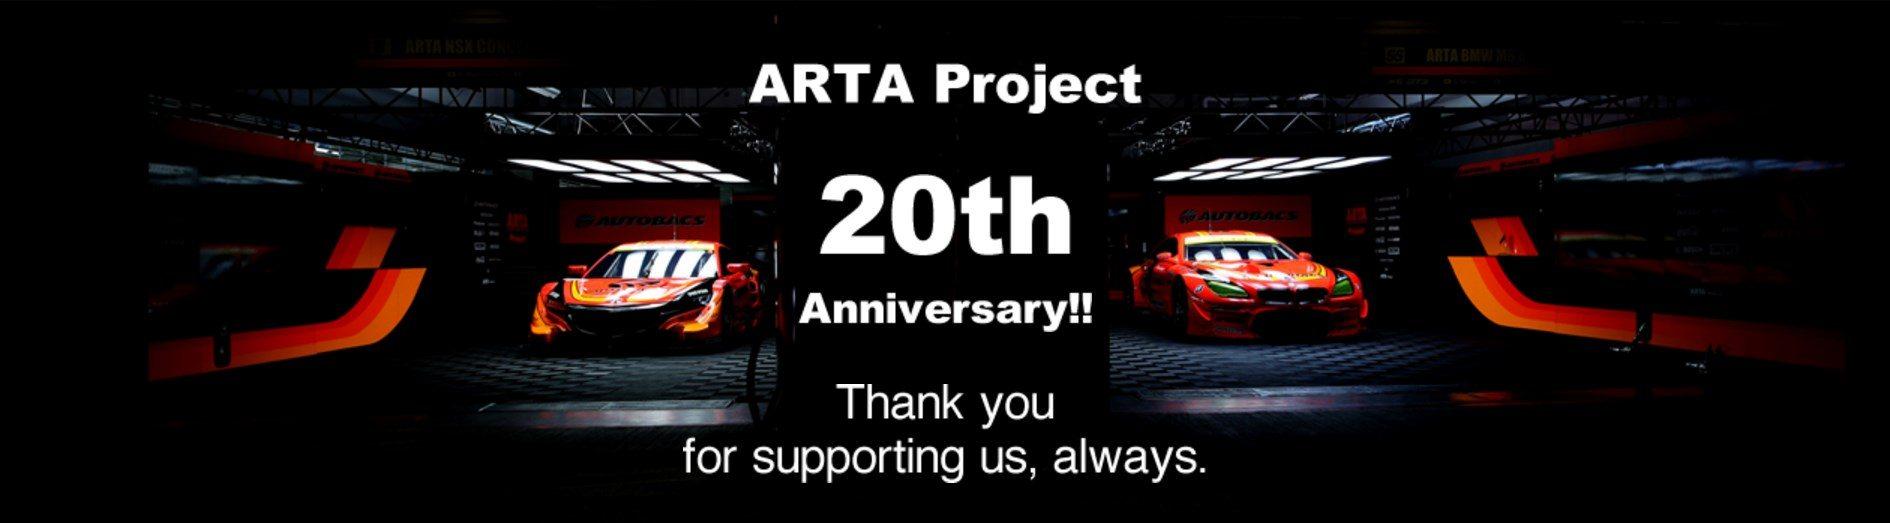 arta1